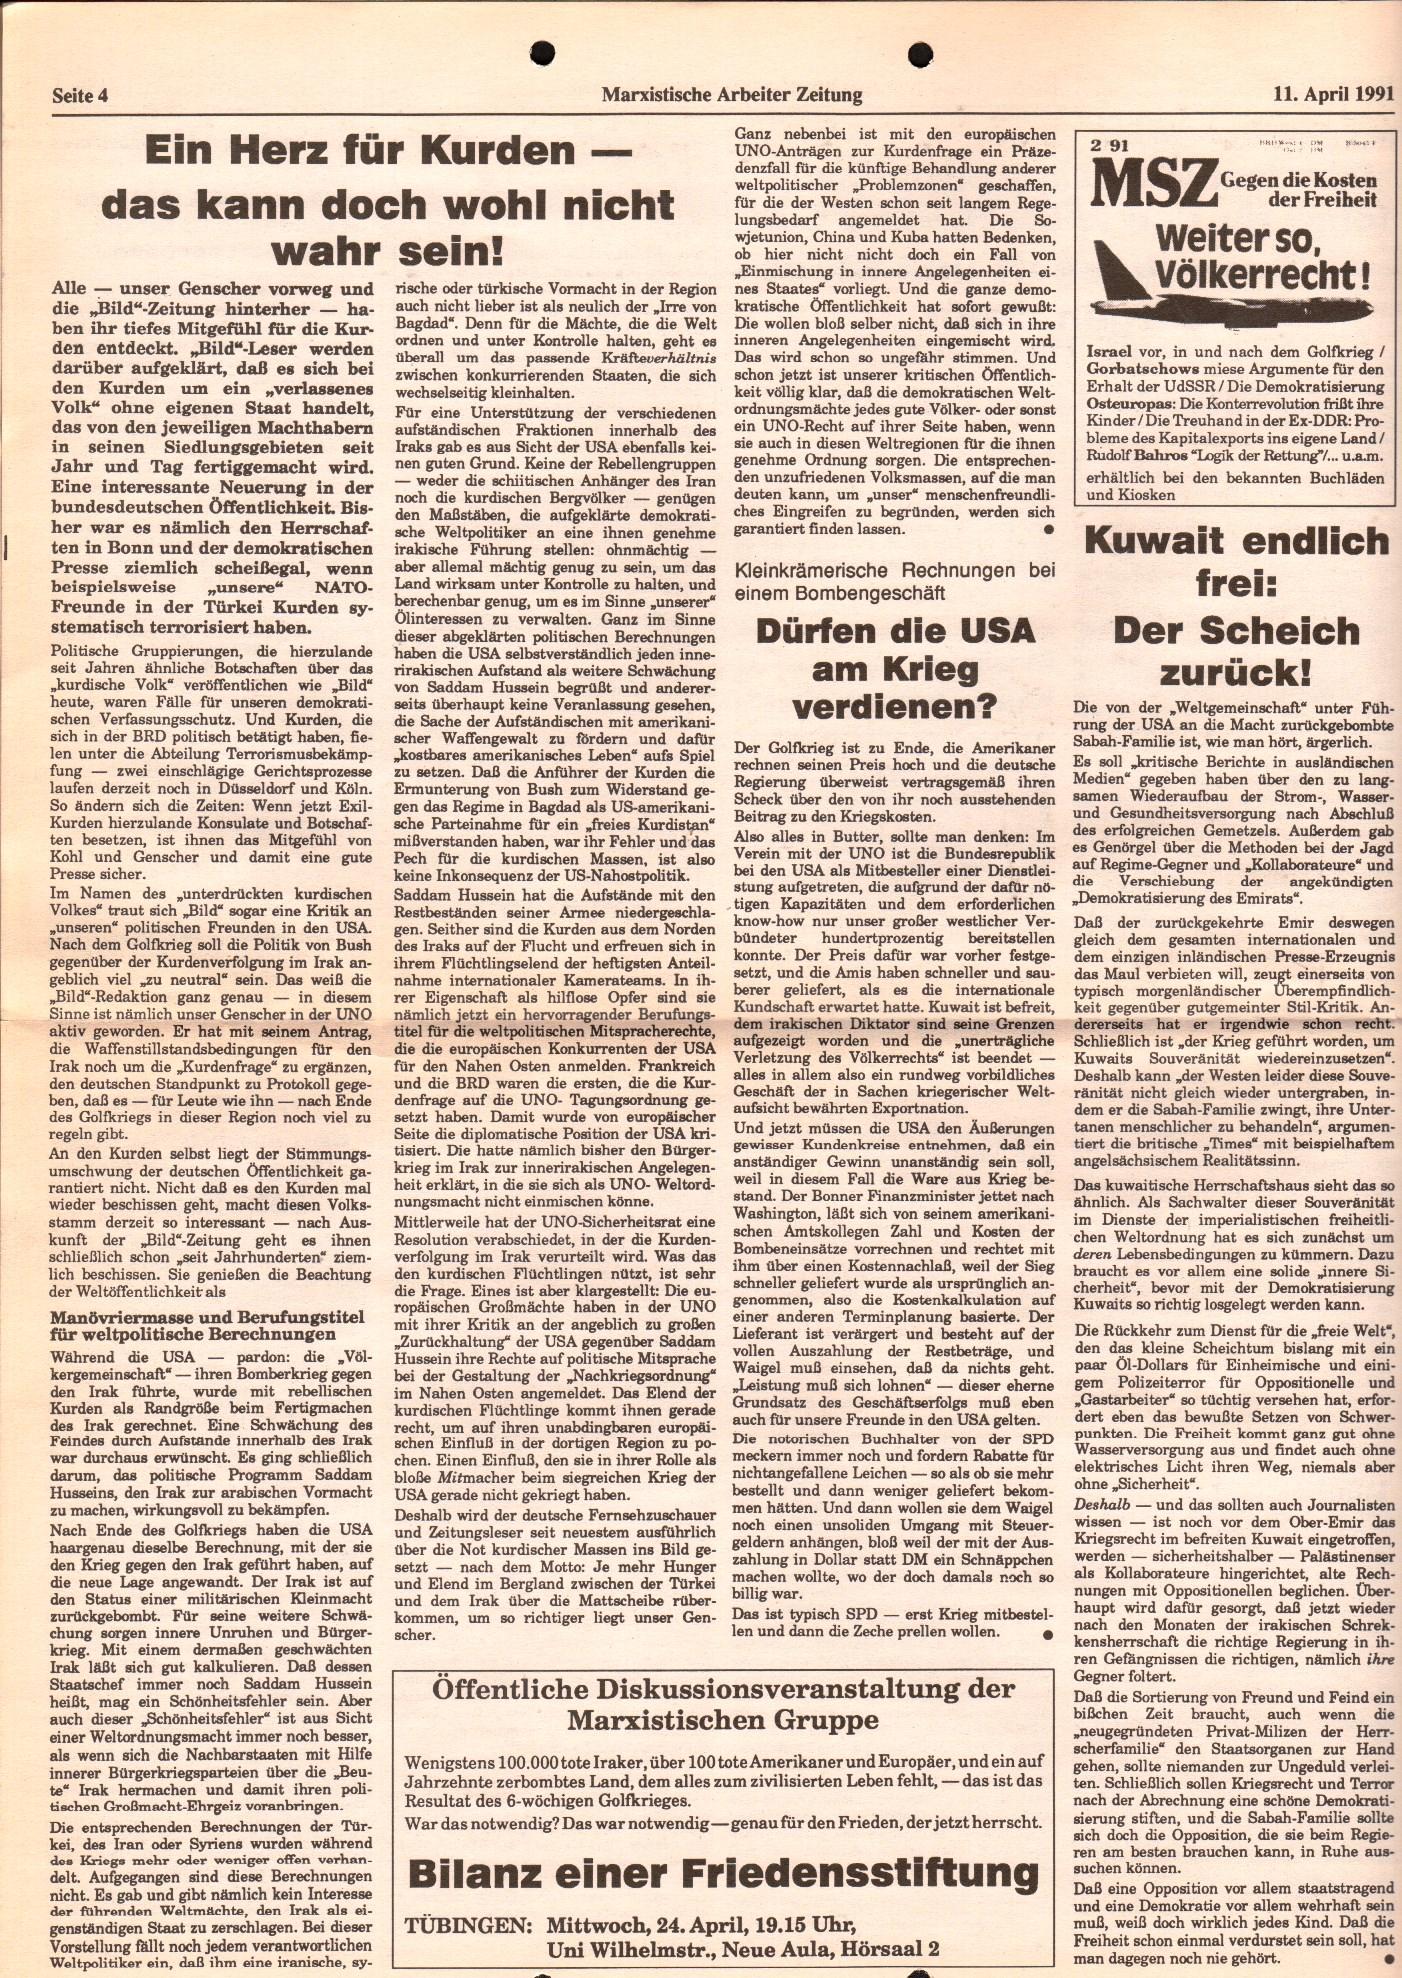 BW_MG_Marxistische_Arbeiterzeitung_19910411_04